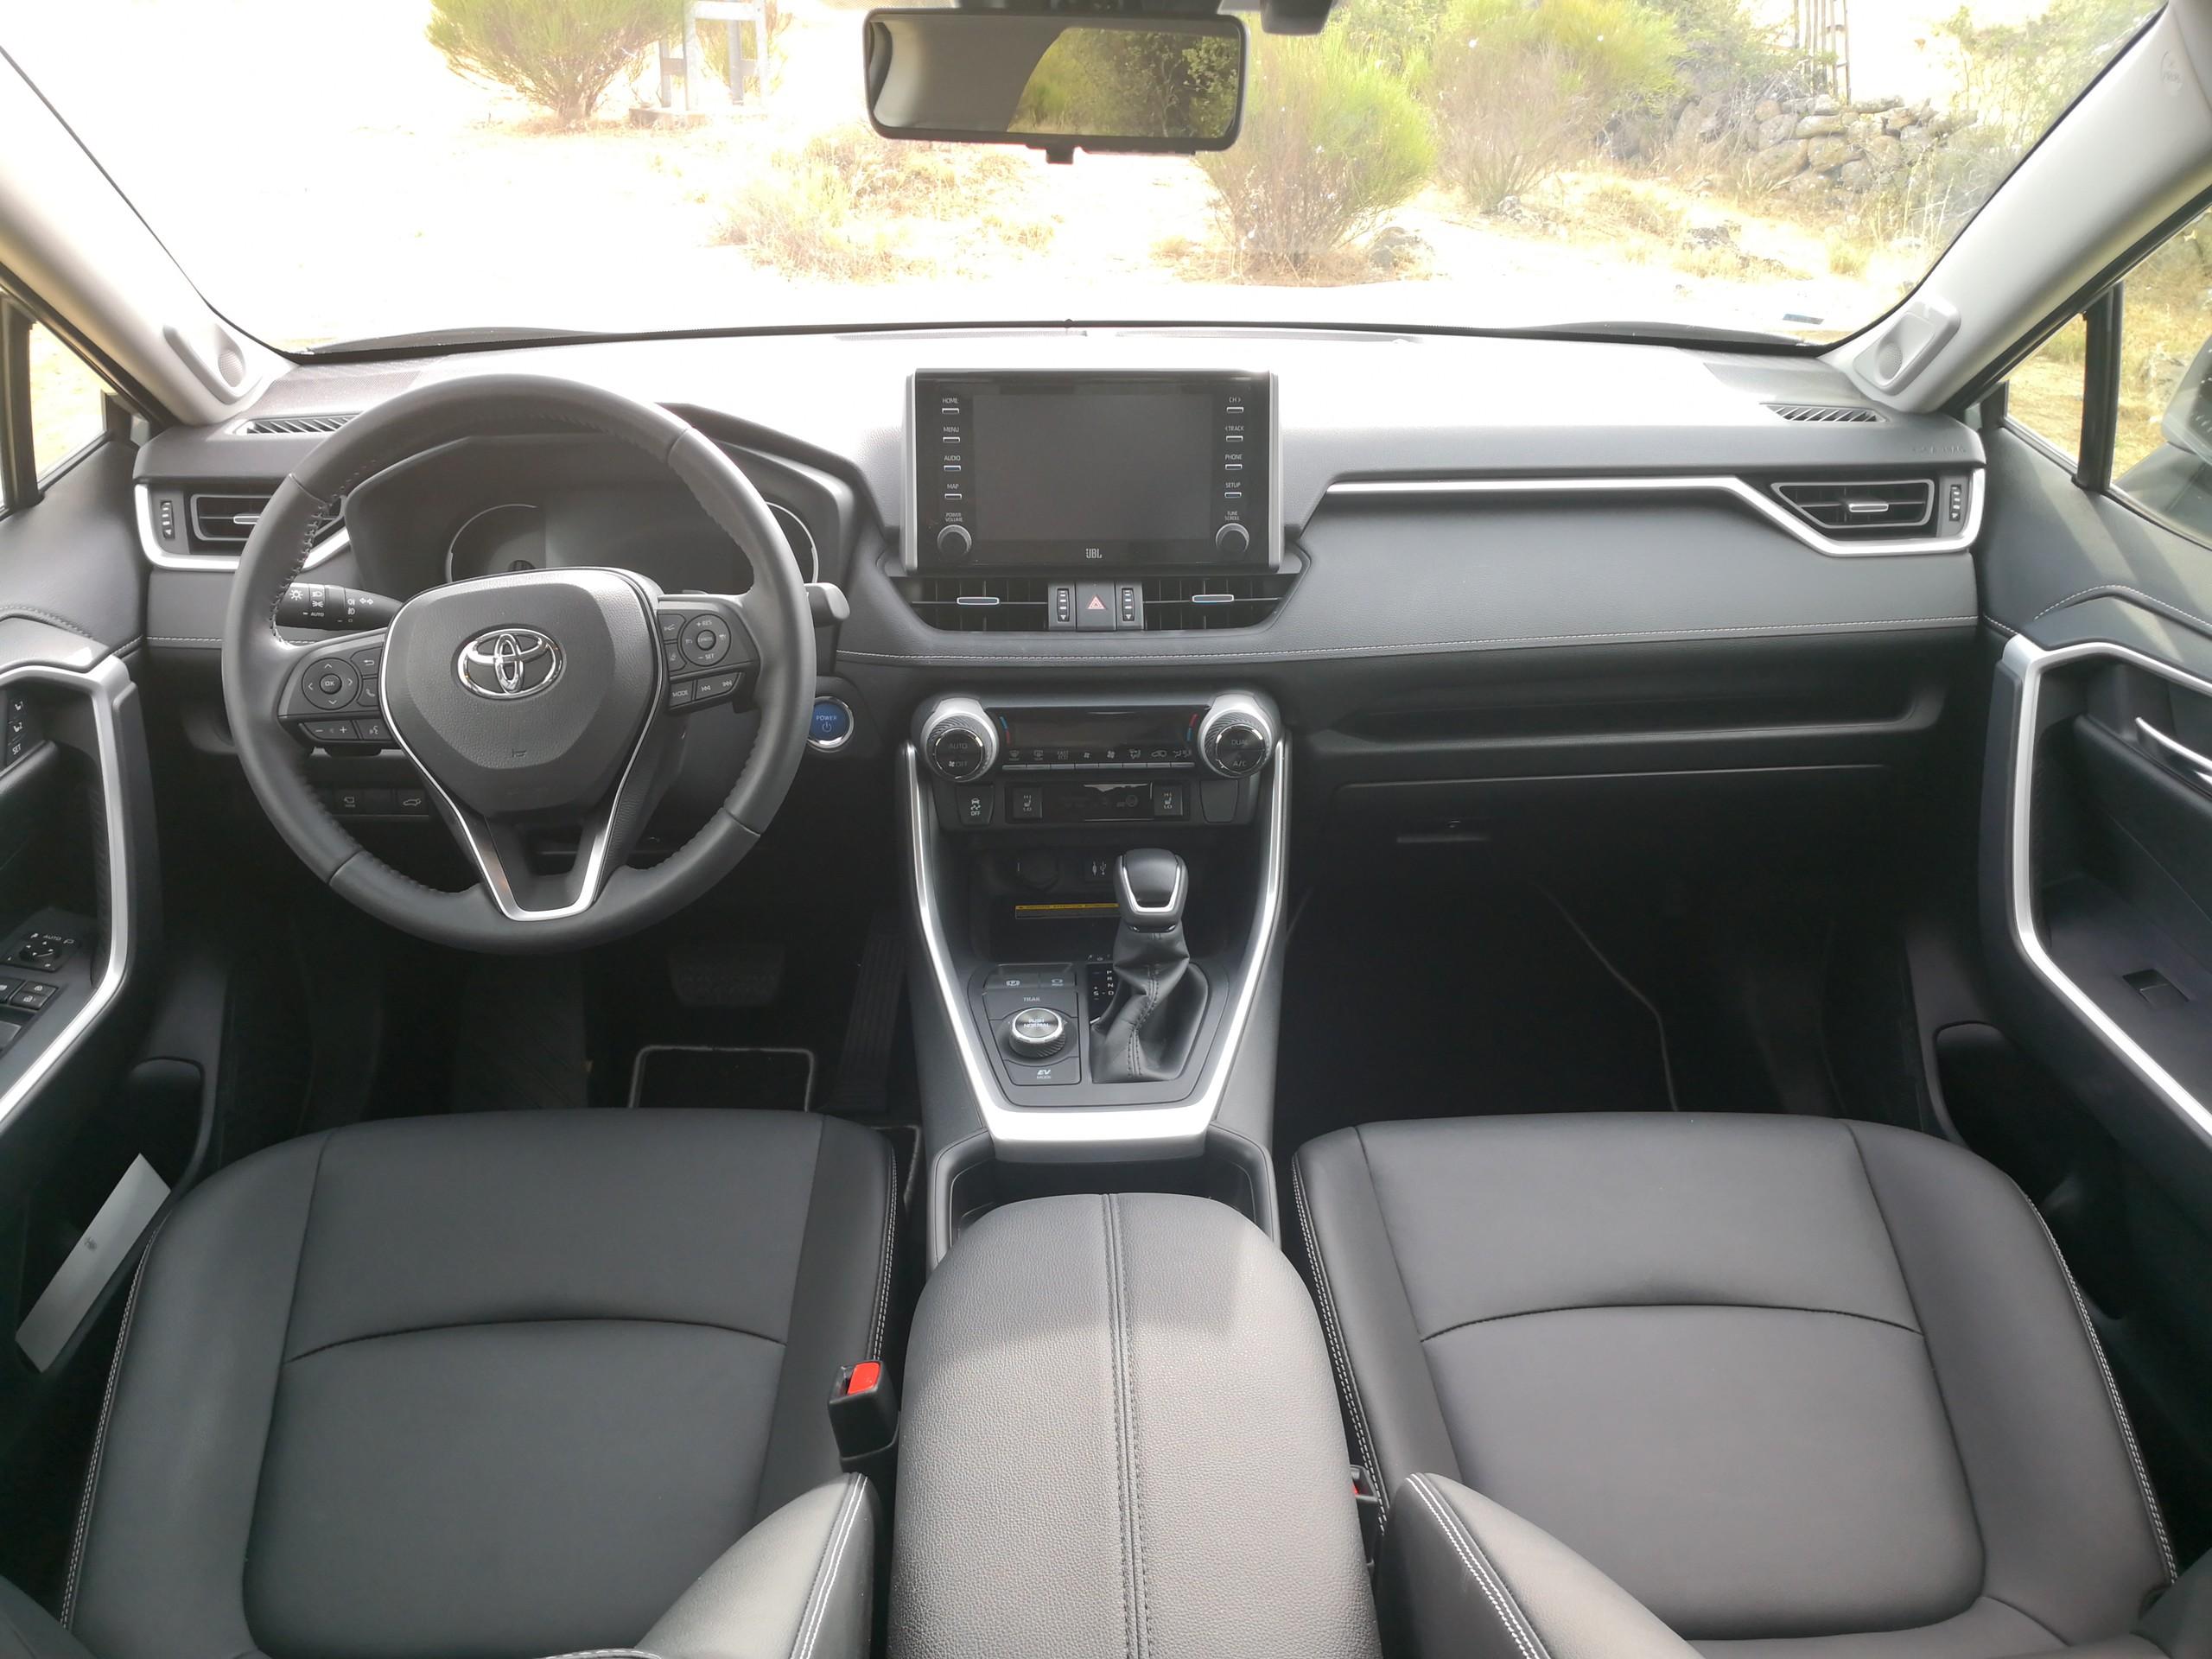 Foto de Toyota RAV4 AWD-i - Fotos interiores (1/17)